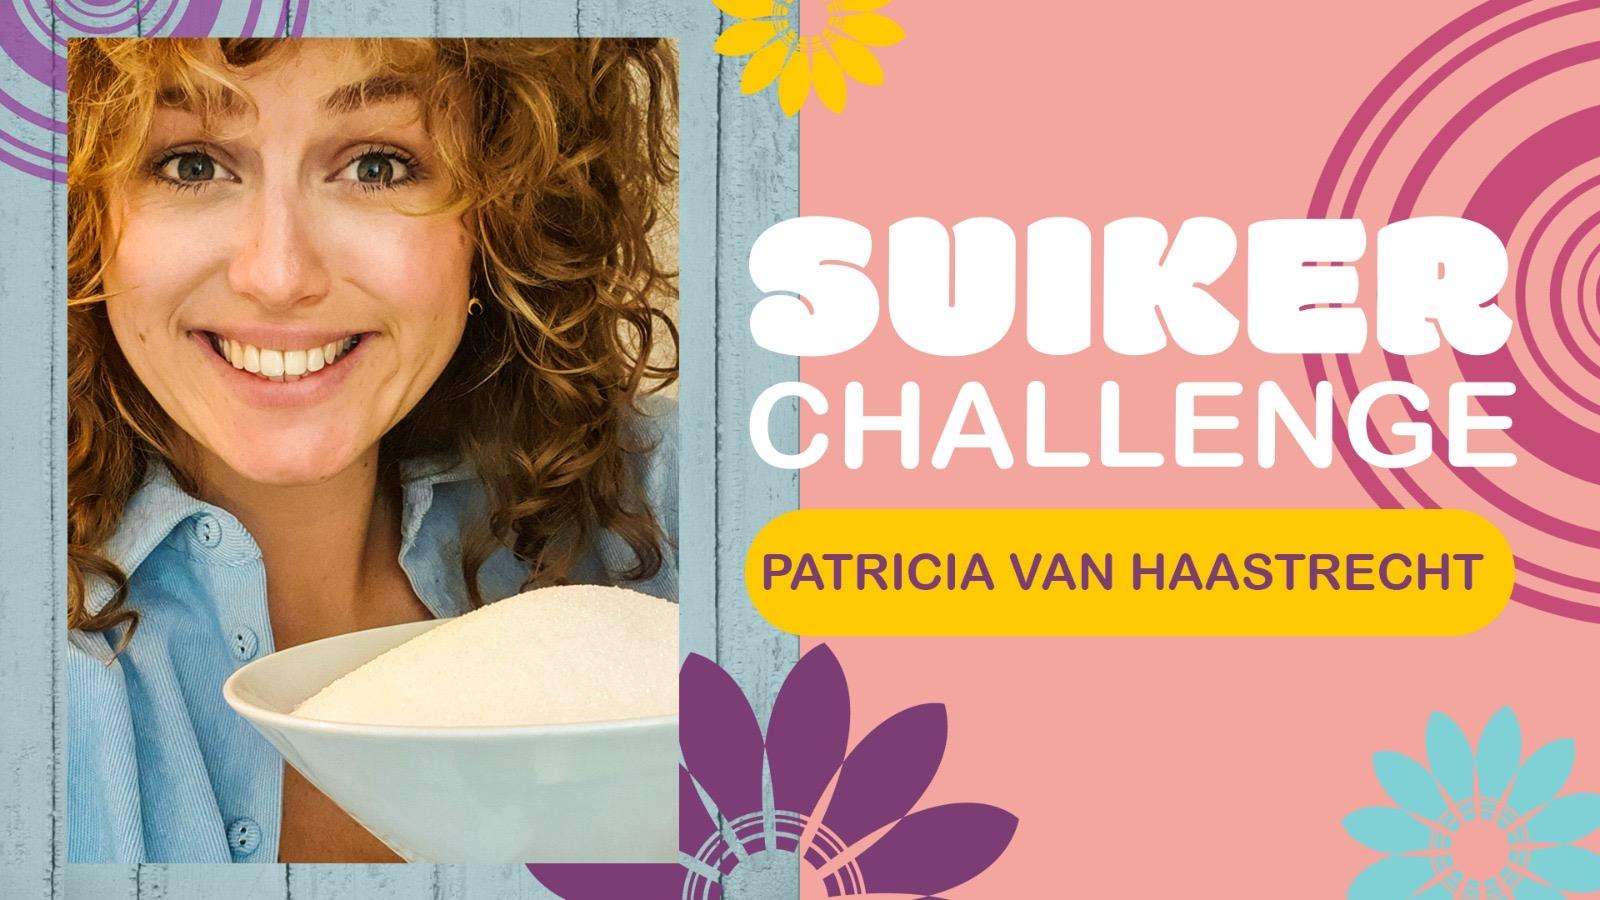 Suikerchallenge Patricia van `Haastrecht JessicaOnline.nl